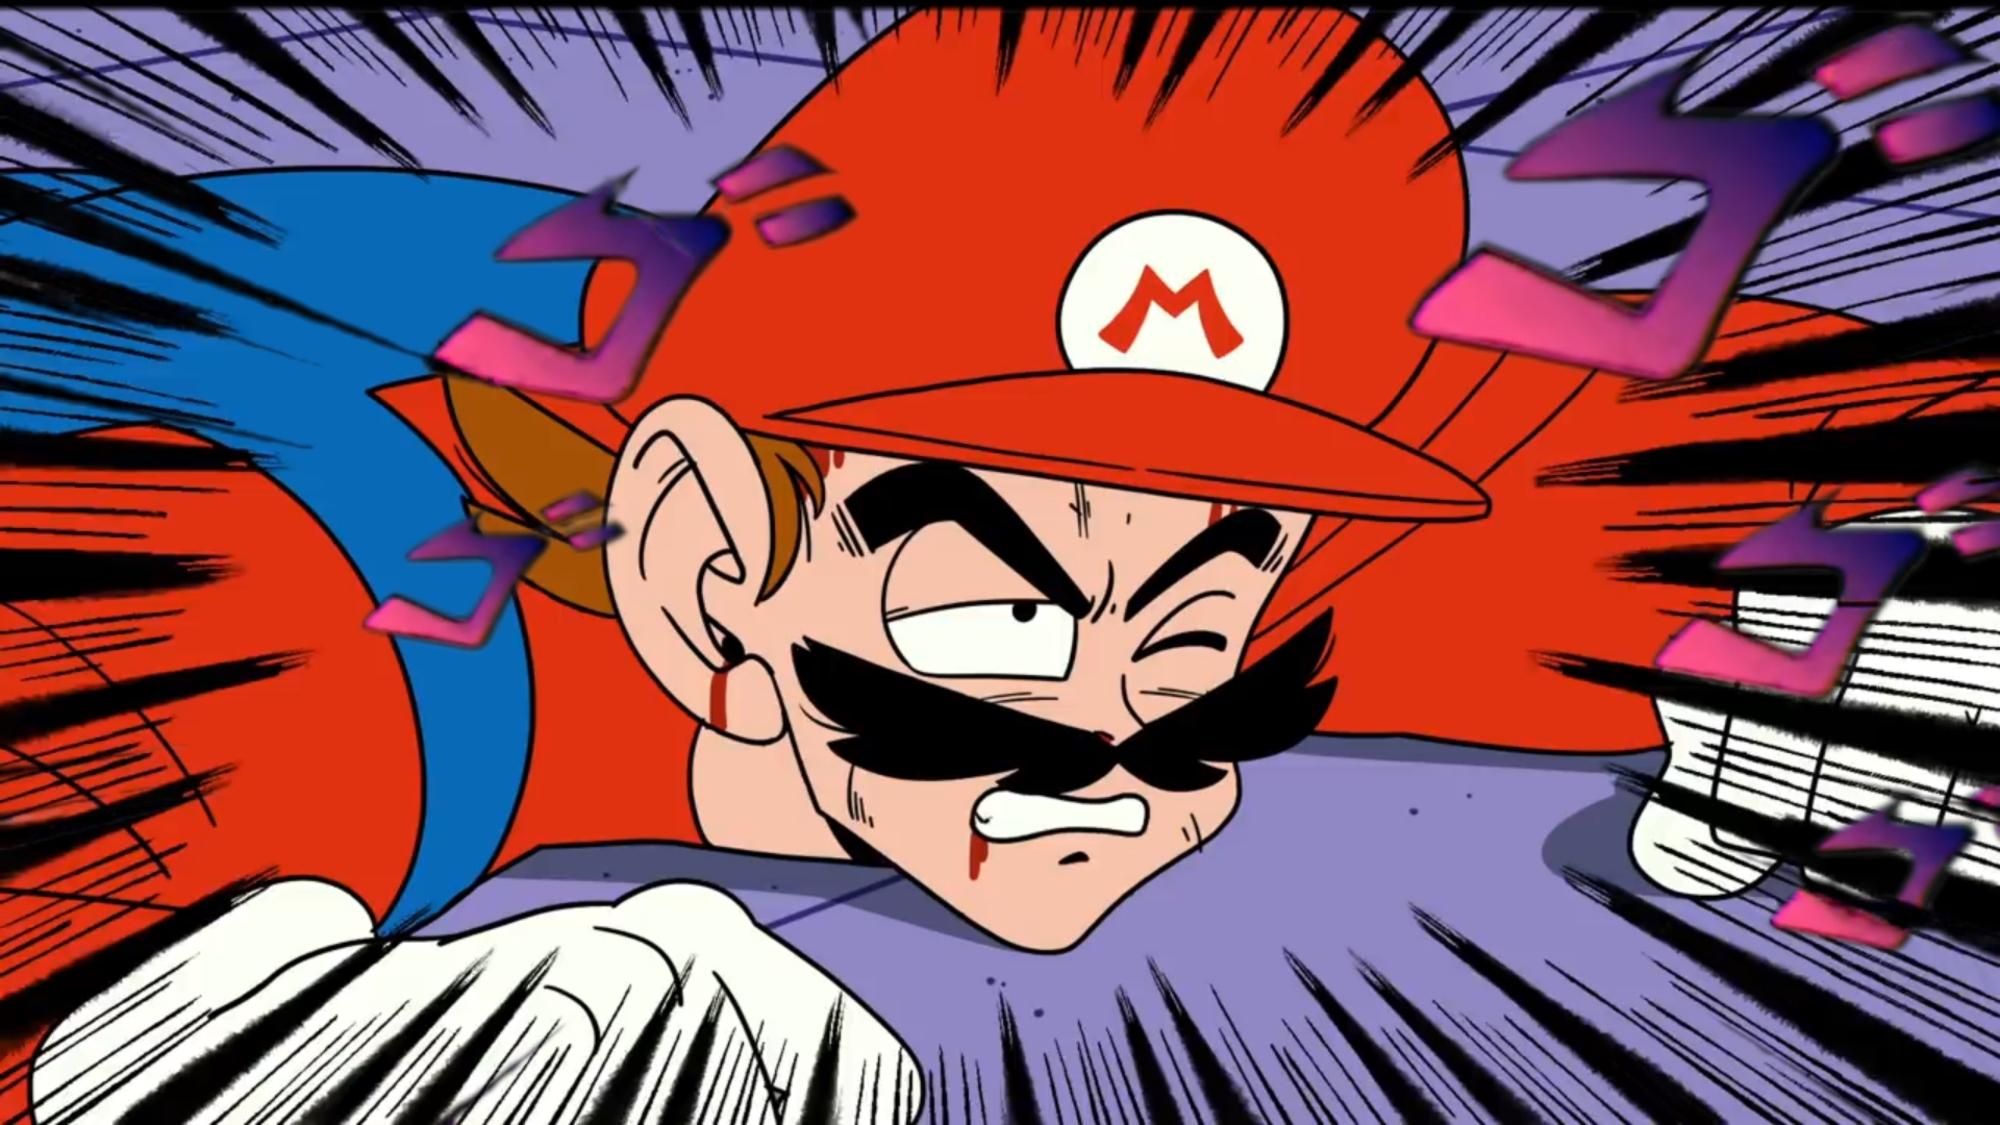 没想到你是这样的超级马里奥Dio(第二季)#搞笑配音